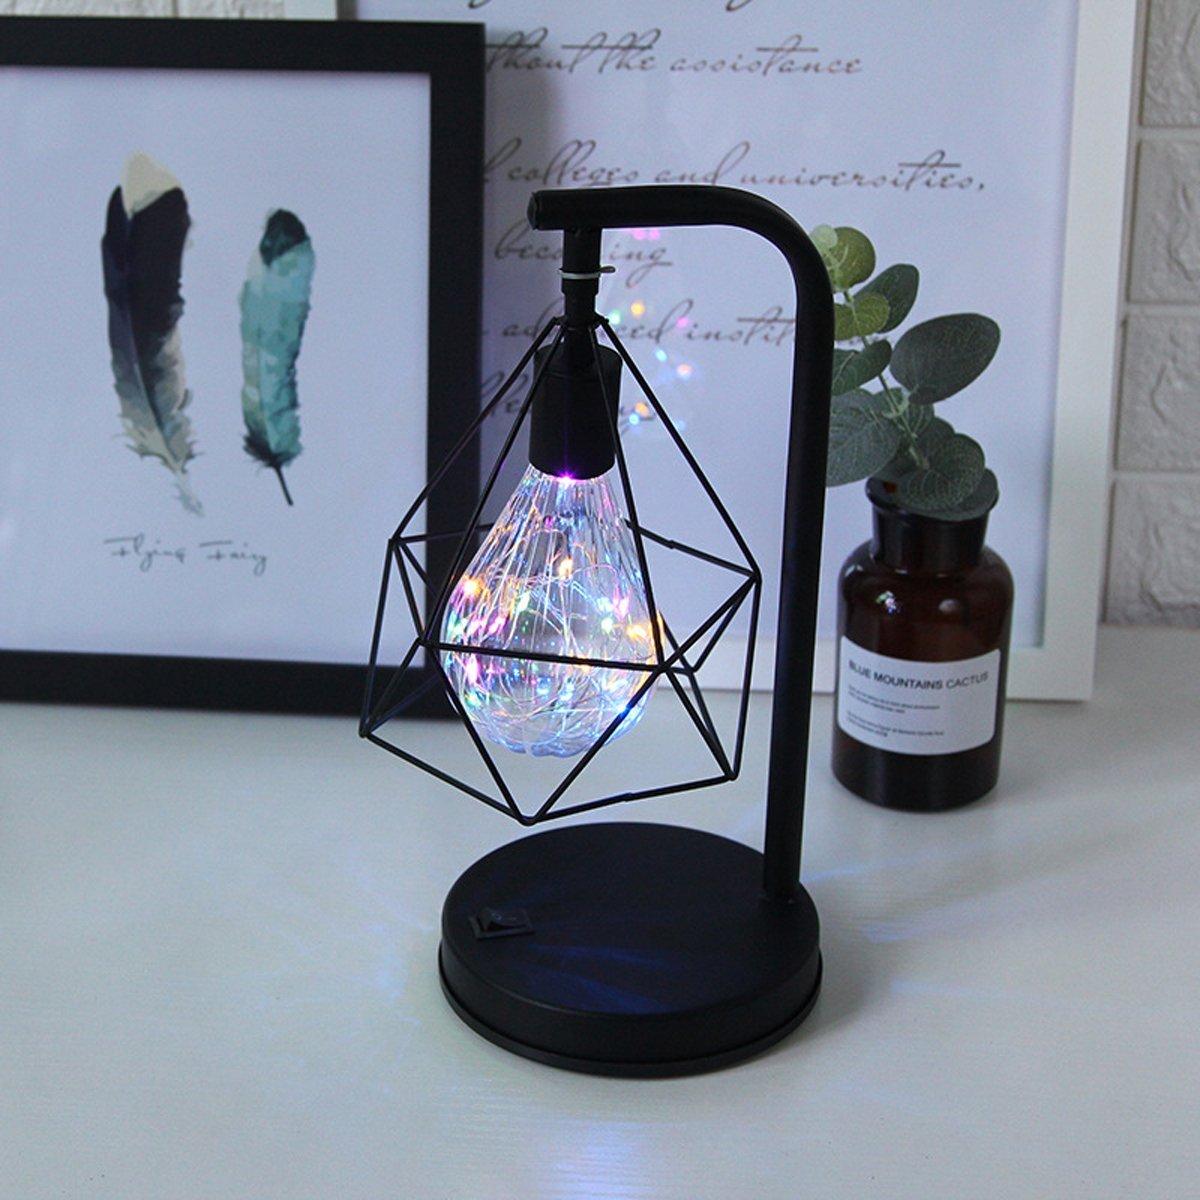 Lumi/ère Blanc /à piles Lampe de table d/écorative,SUAVER R/étro Atmosph/ère Lampe,Lampe de bureau en m/étal Forme de diamant Ampoule lampe de table lumi/ère de nuit d/écoration lampe cadeau jouet